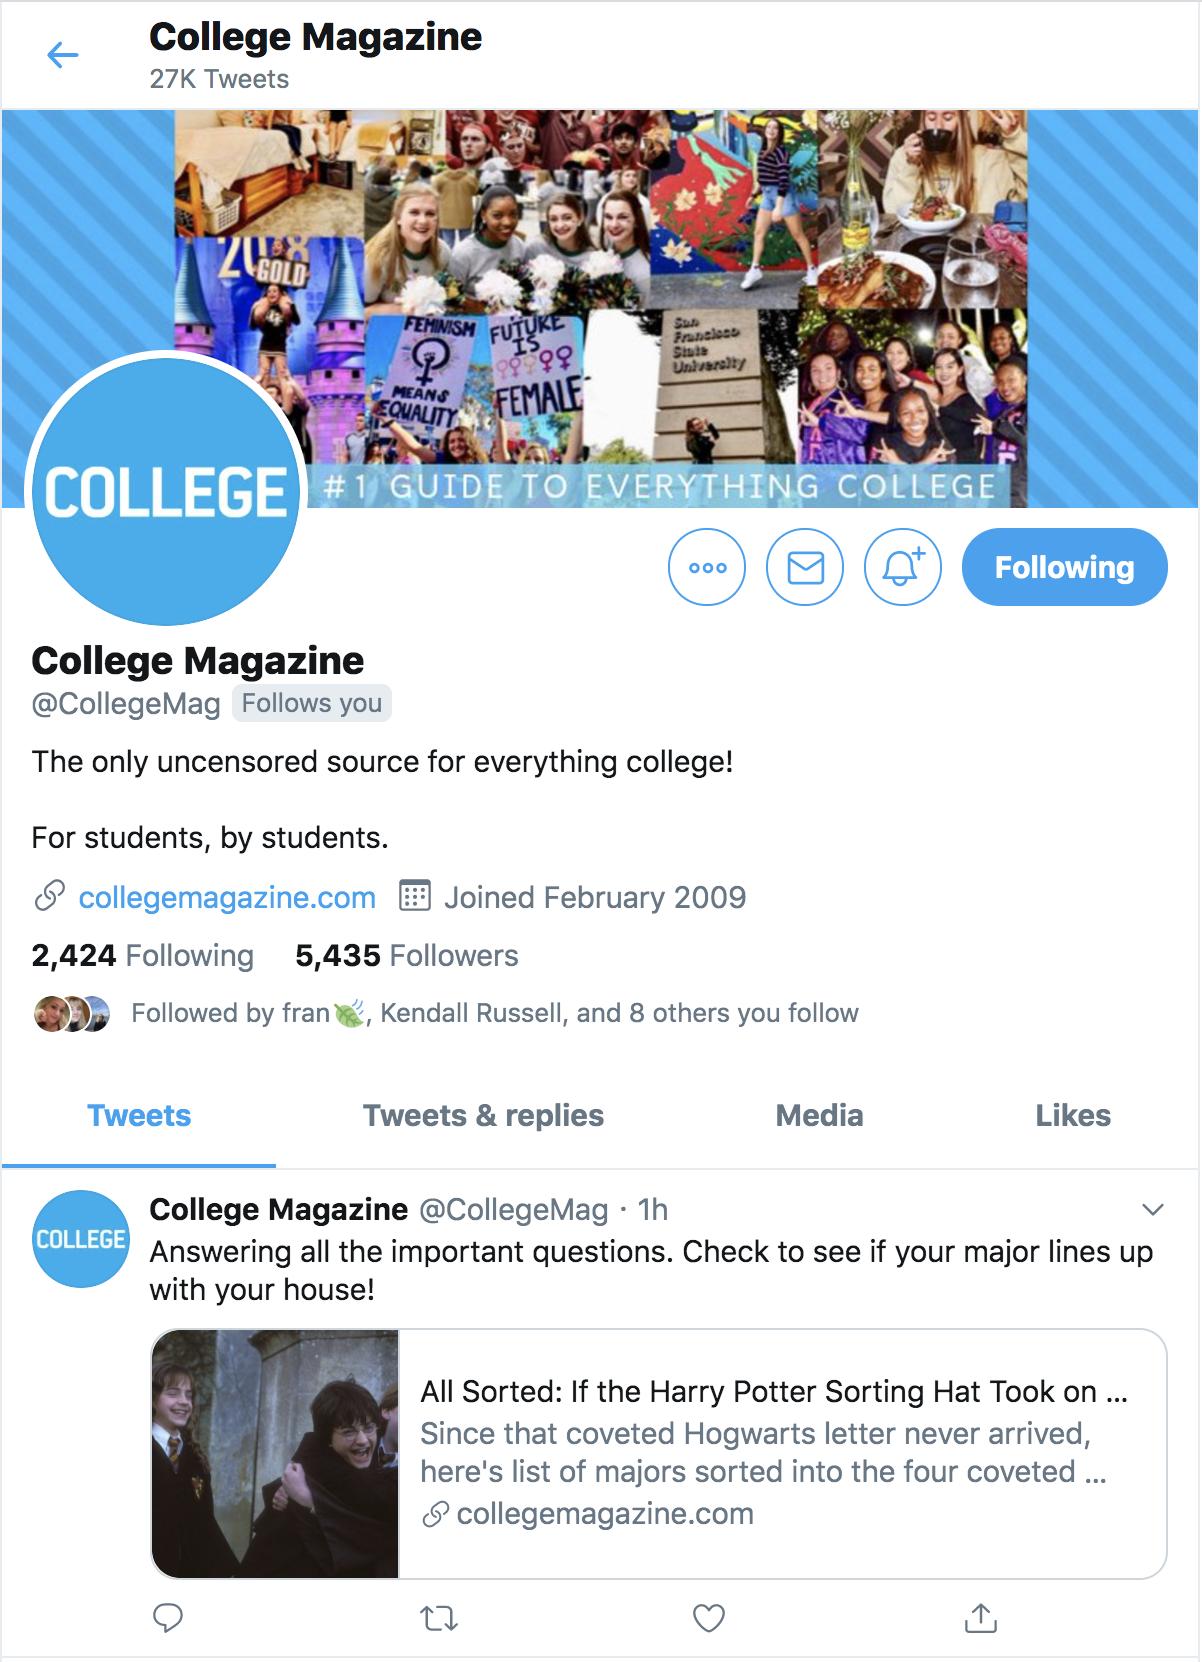 @collegemagazine